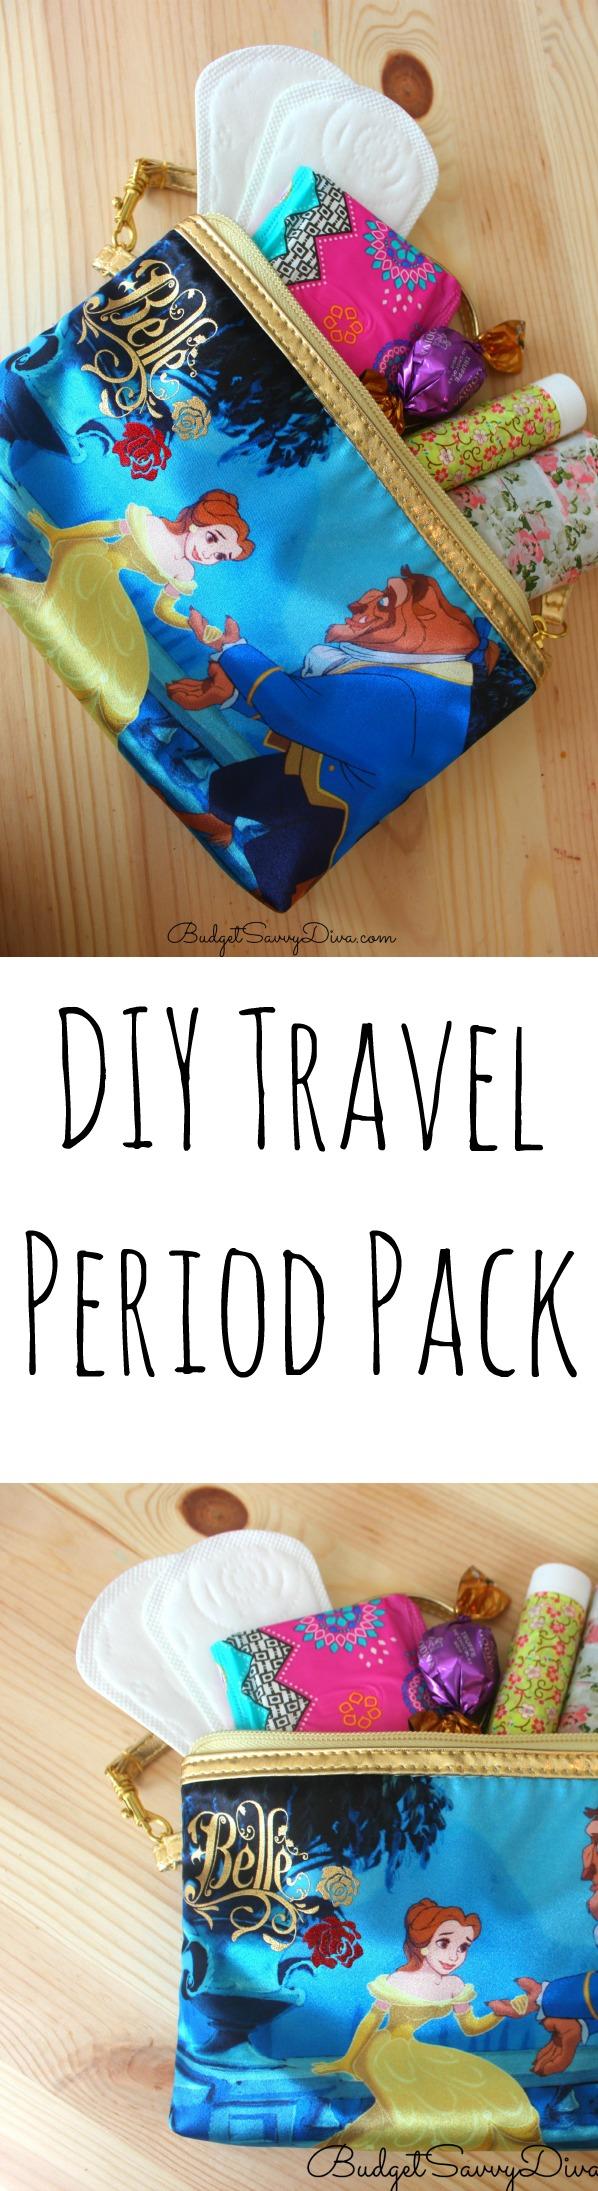 DIY Travel Period Pack